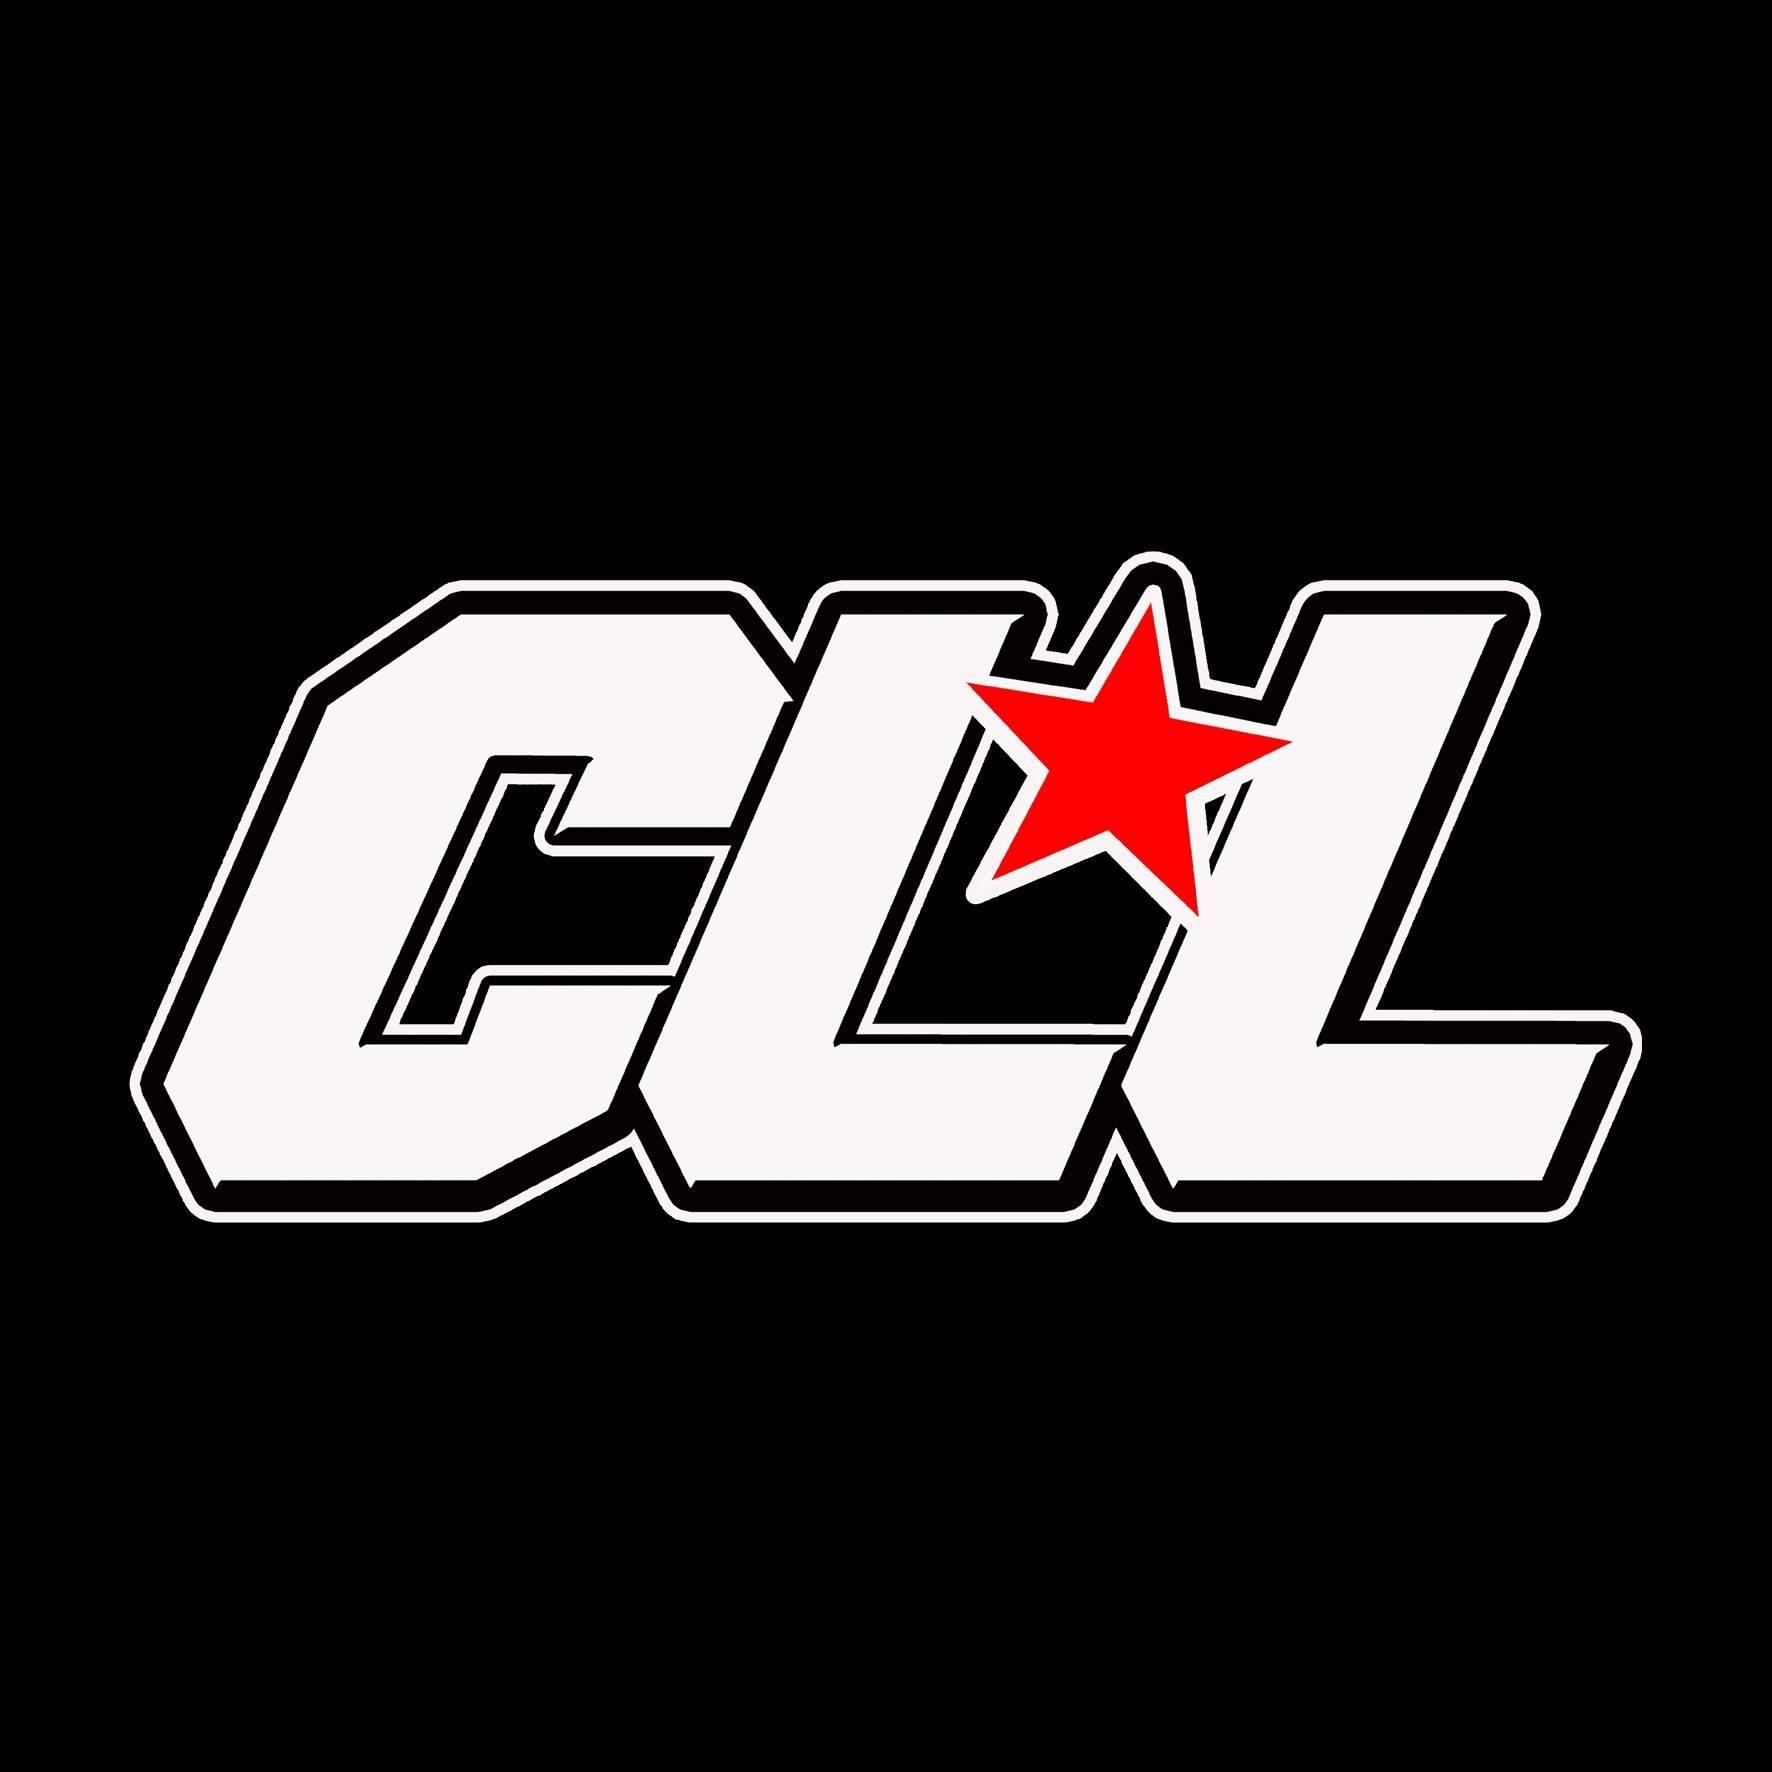 CLL - Chile Lucha Libre